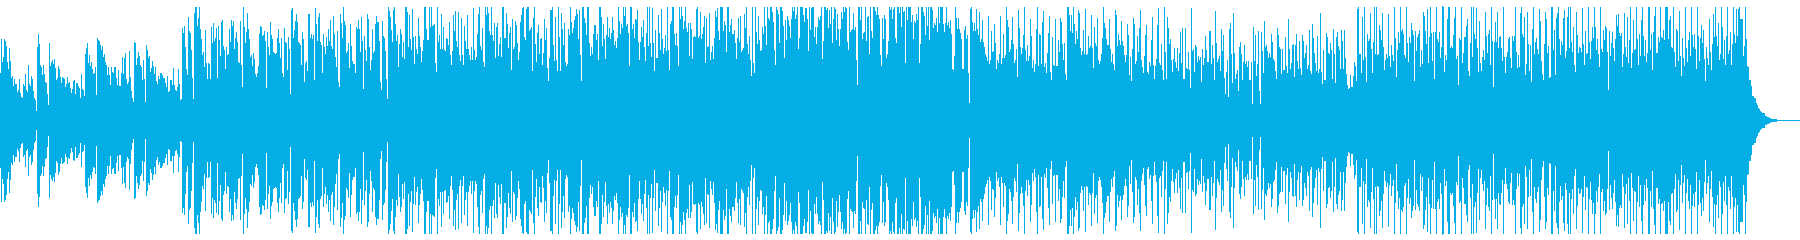 ワールド 民族 バサノバ ポジティ...の再生済みの波形